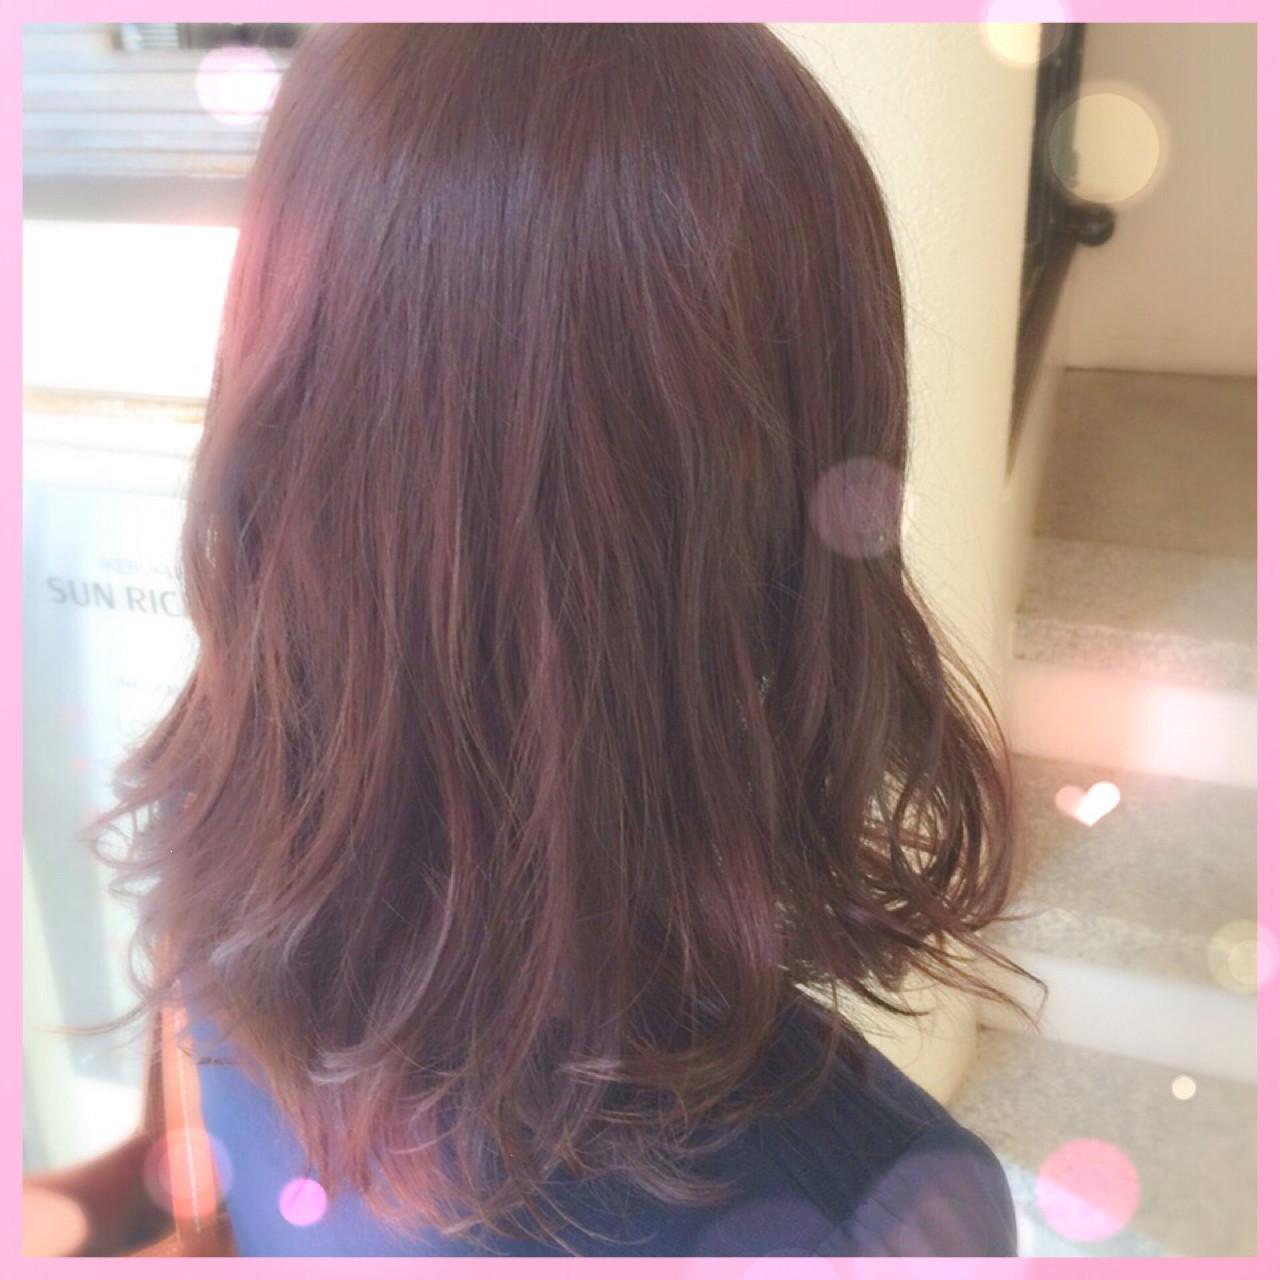 ミディアム ピンク ナチュラル ピンクアッシュヘアスタイルや髪型の写真・画像